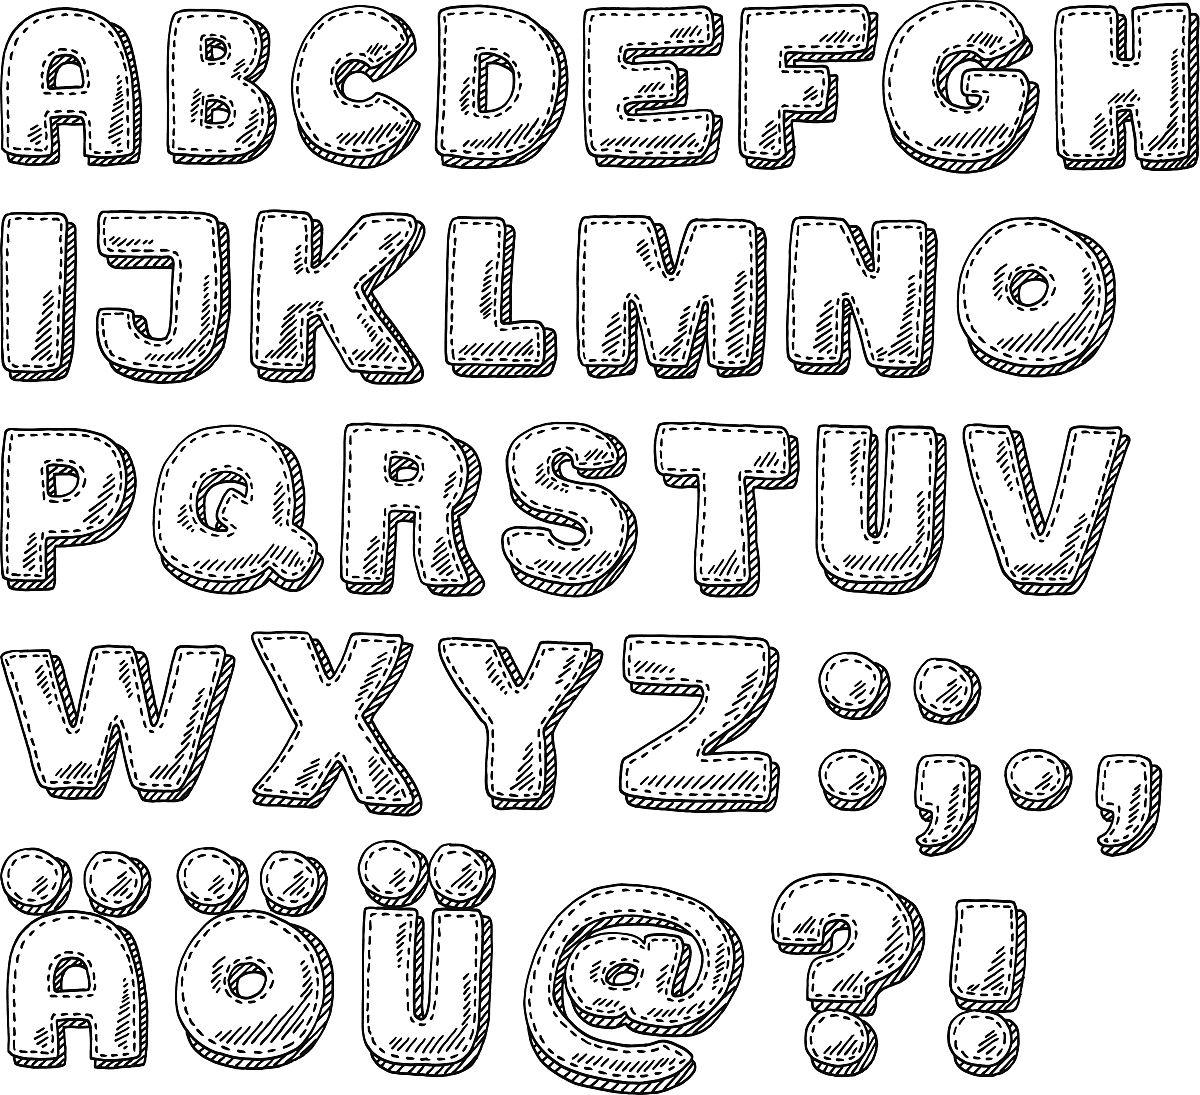 简单,文字,水平画幅,黑白图片,画画,黑色,白色,透明,问号,感叹号图片